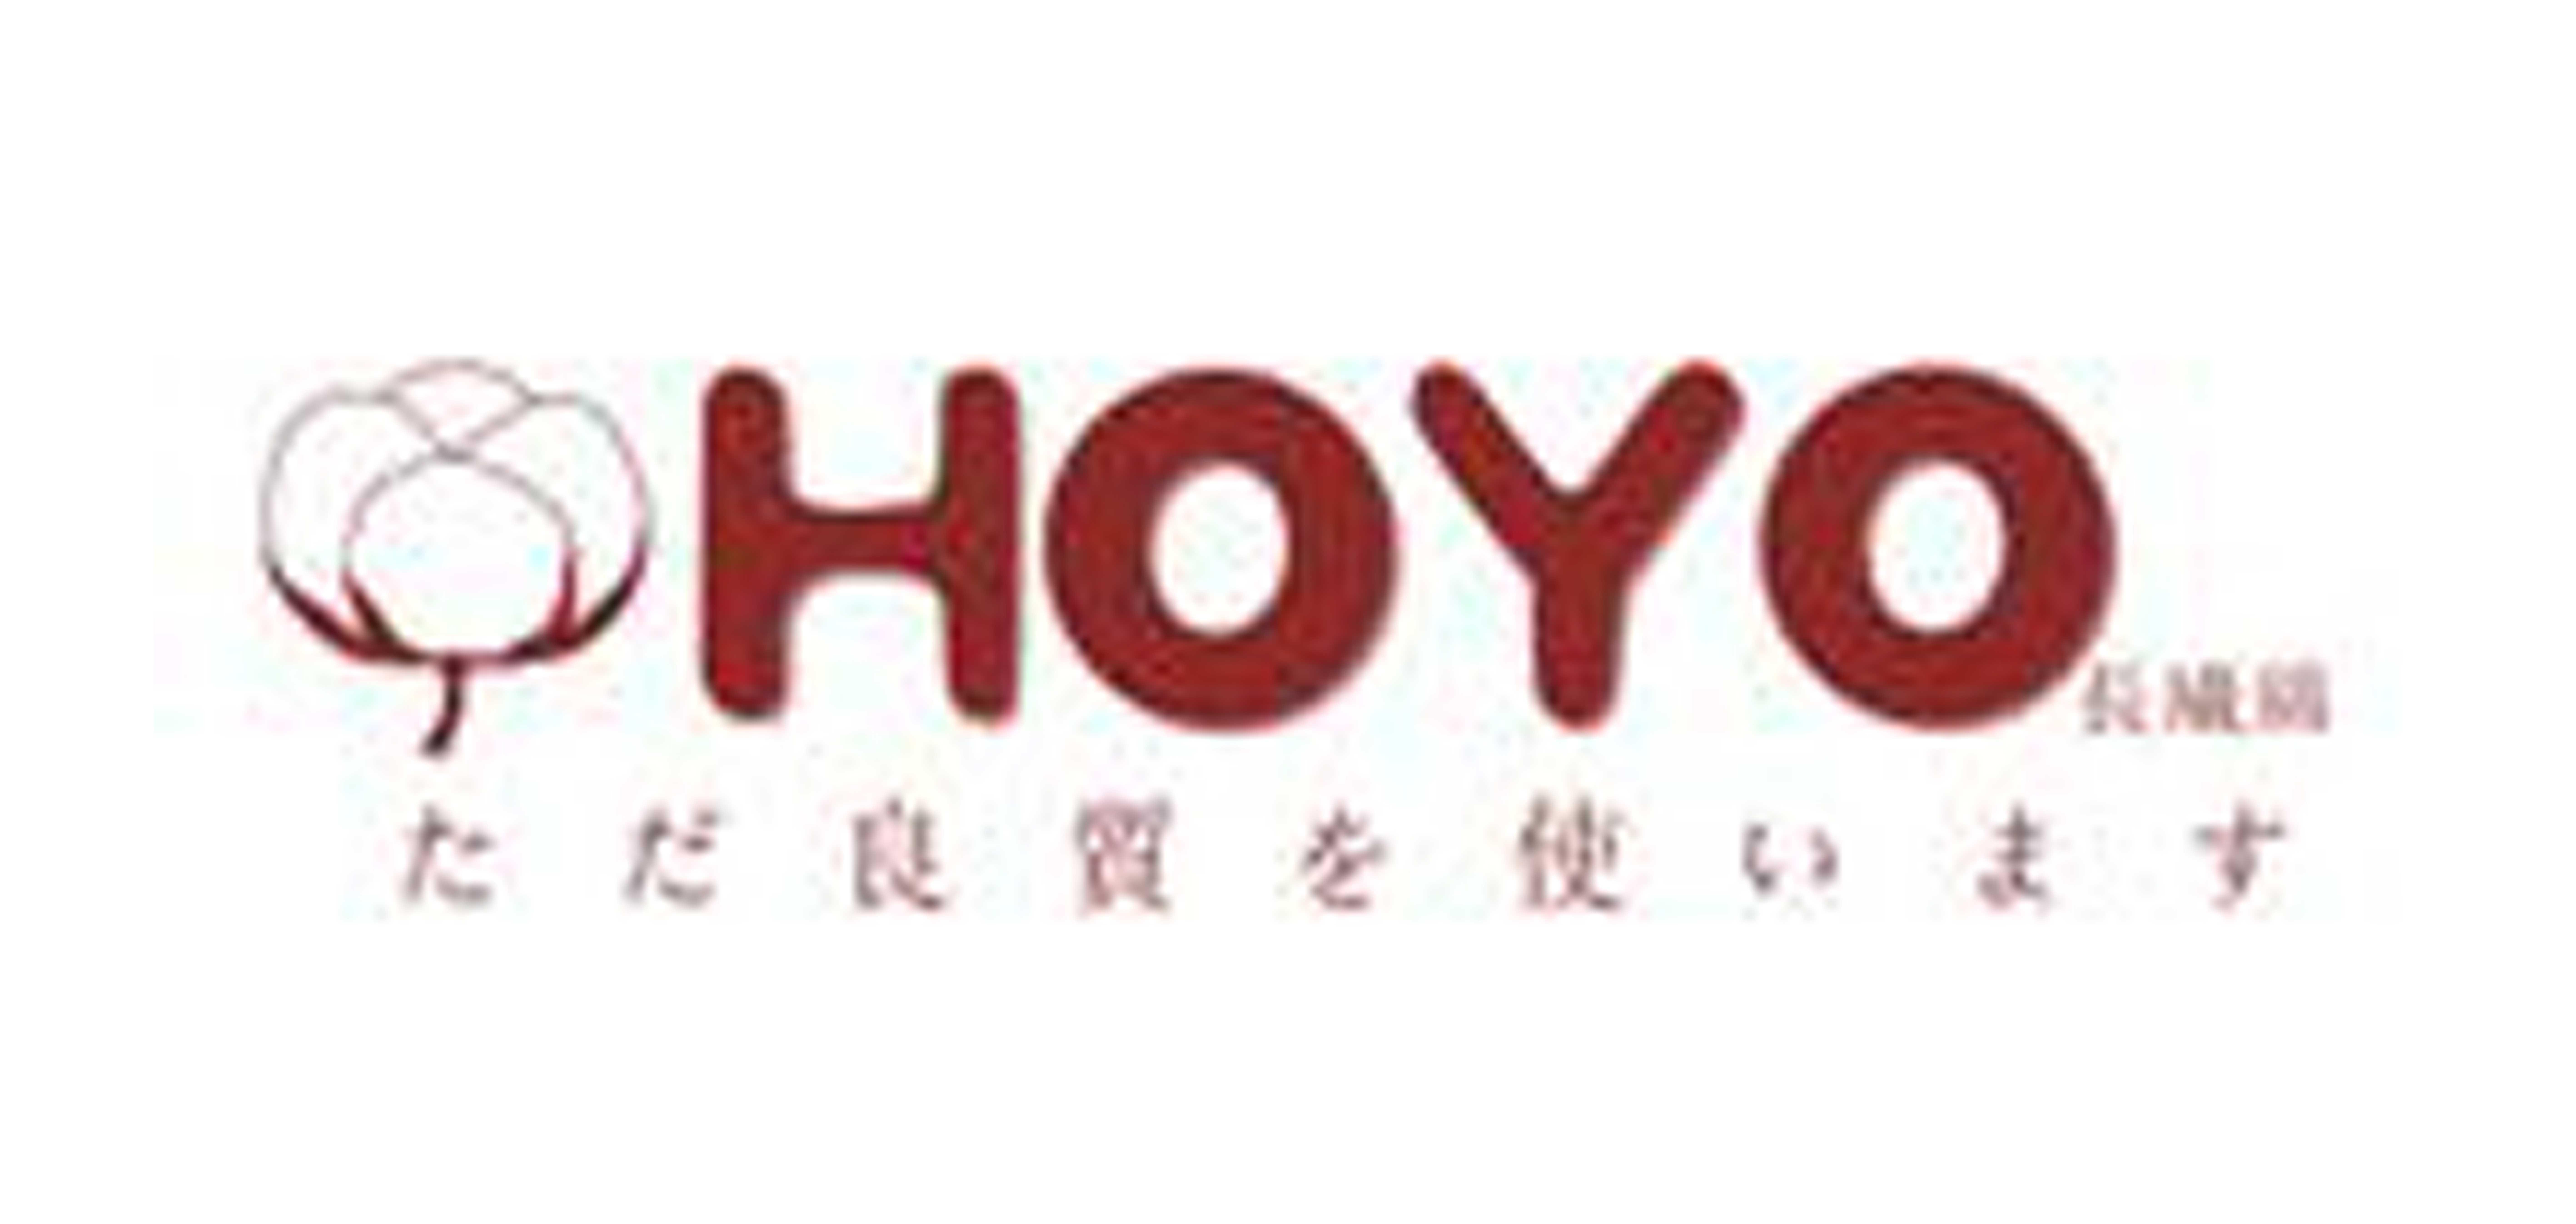 浩阳/HoYo